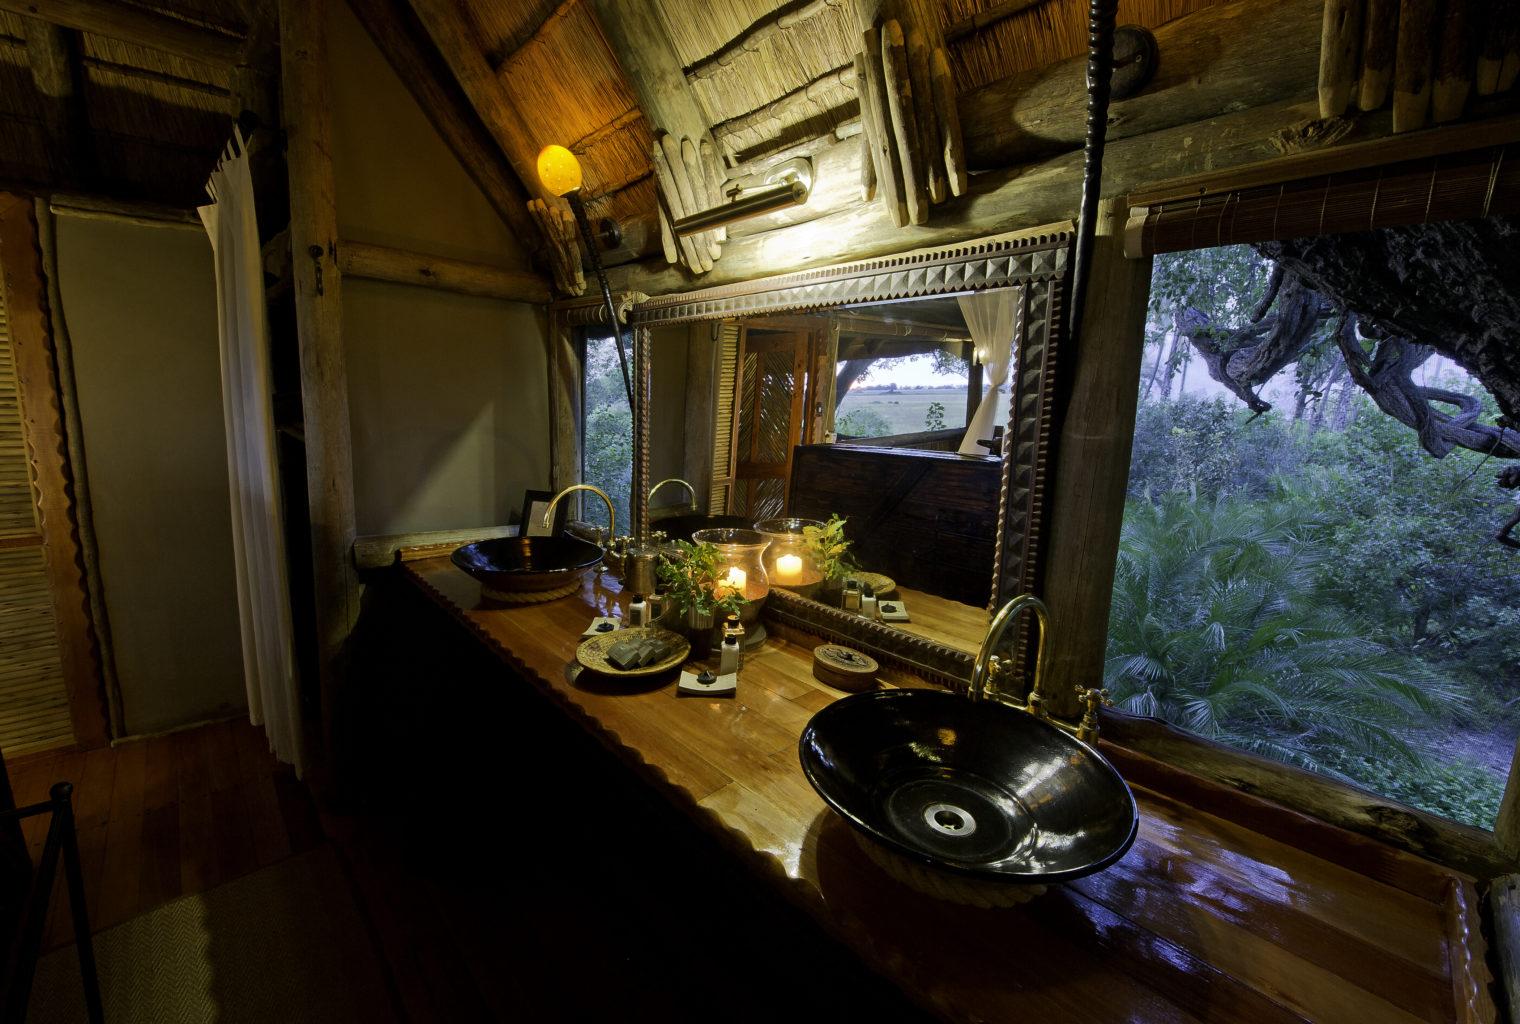 Botswana, Okavango Delta, Kwetsani Bathroom